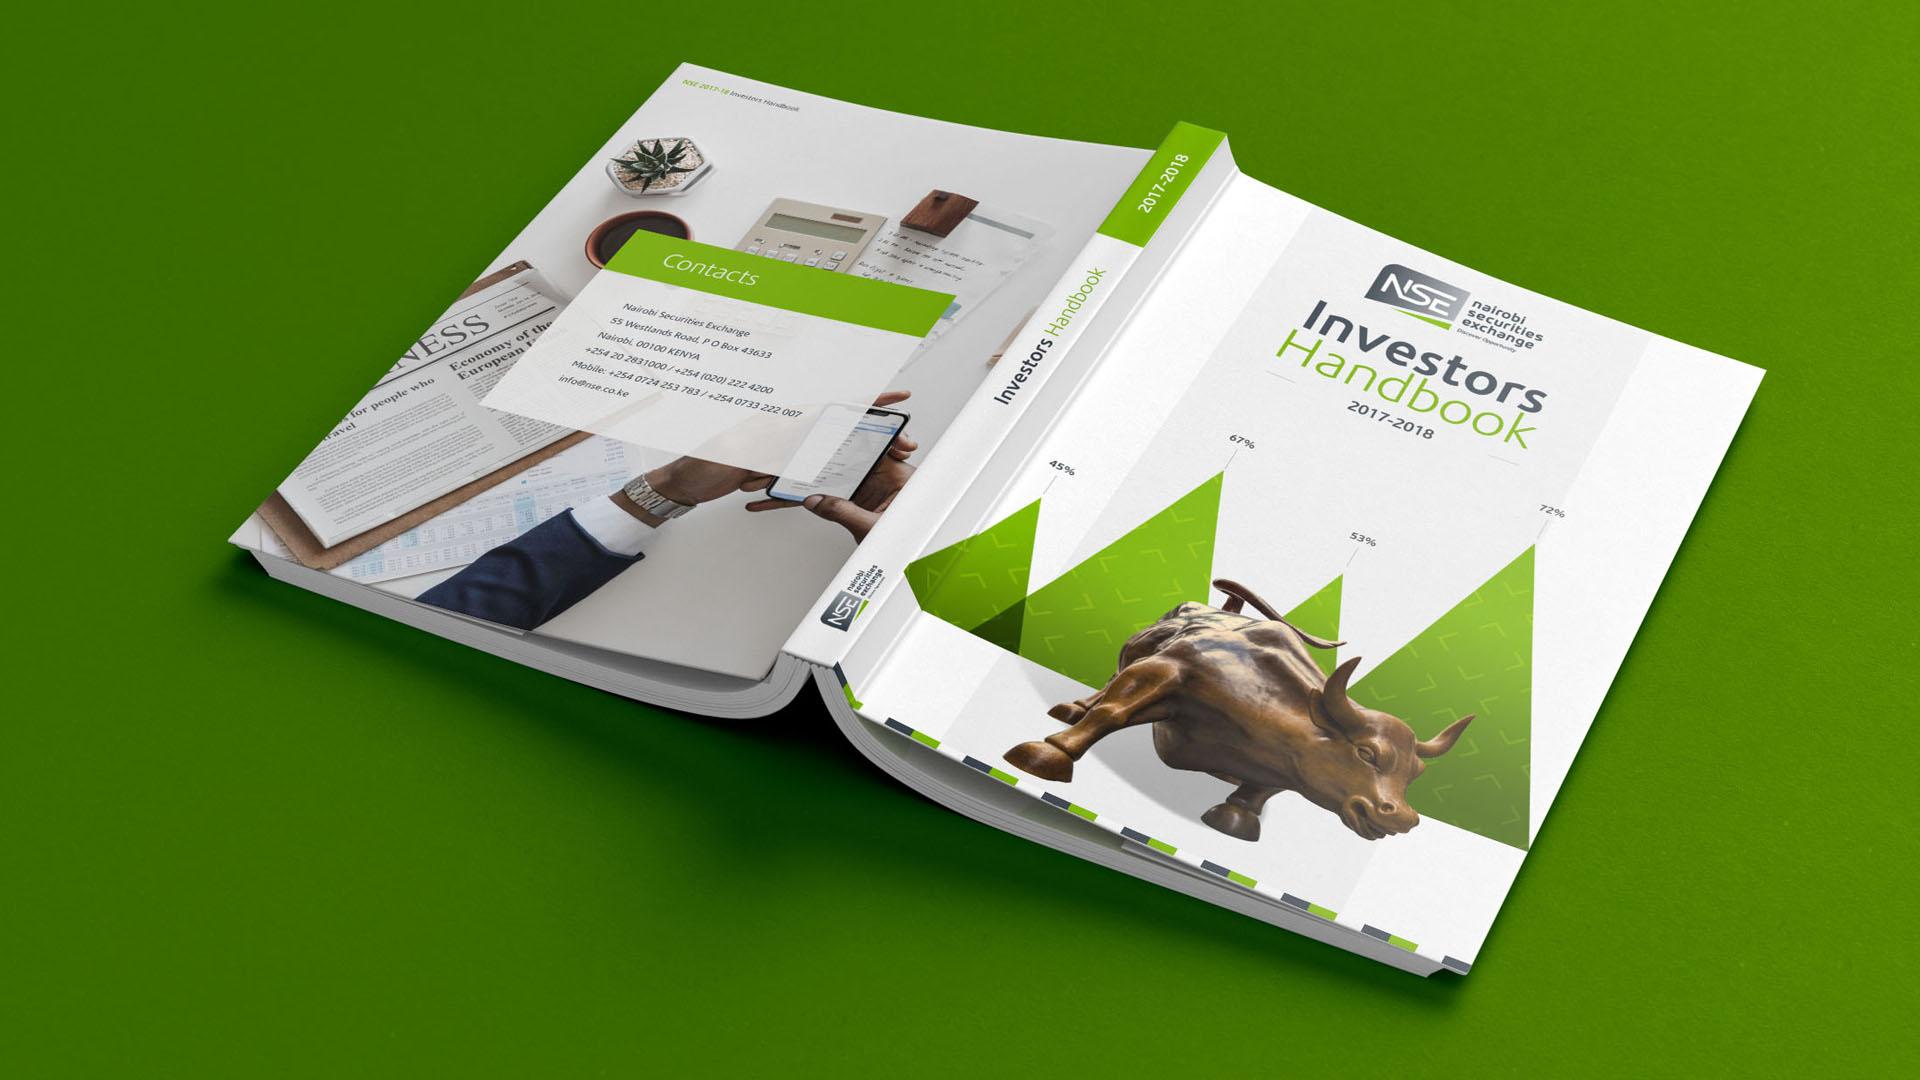 NSE Annual Report Design 2